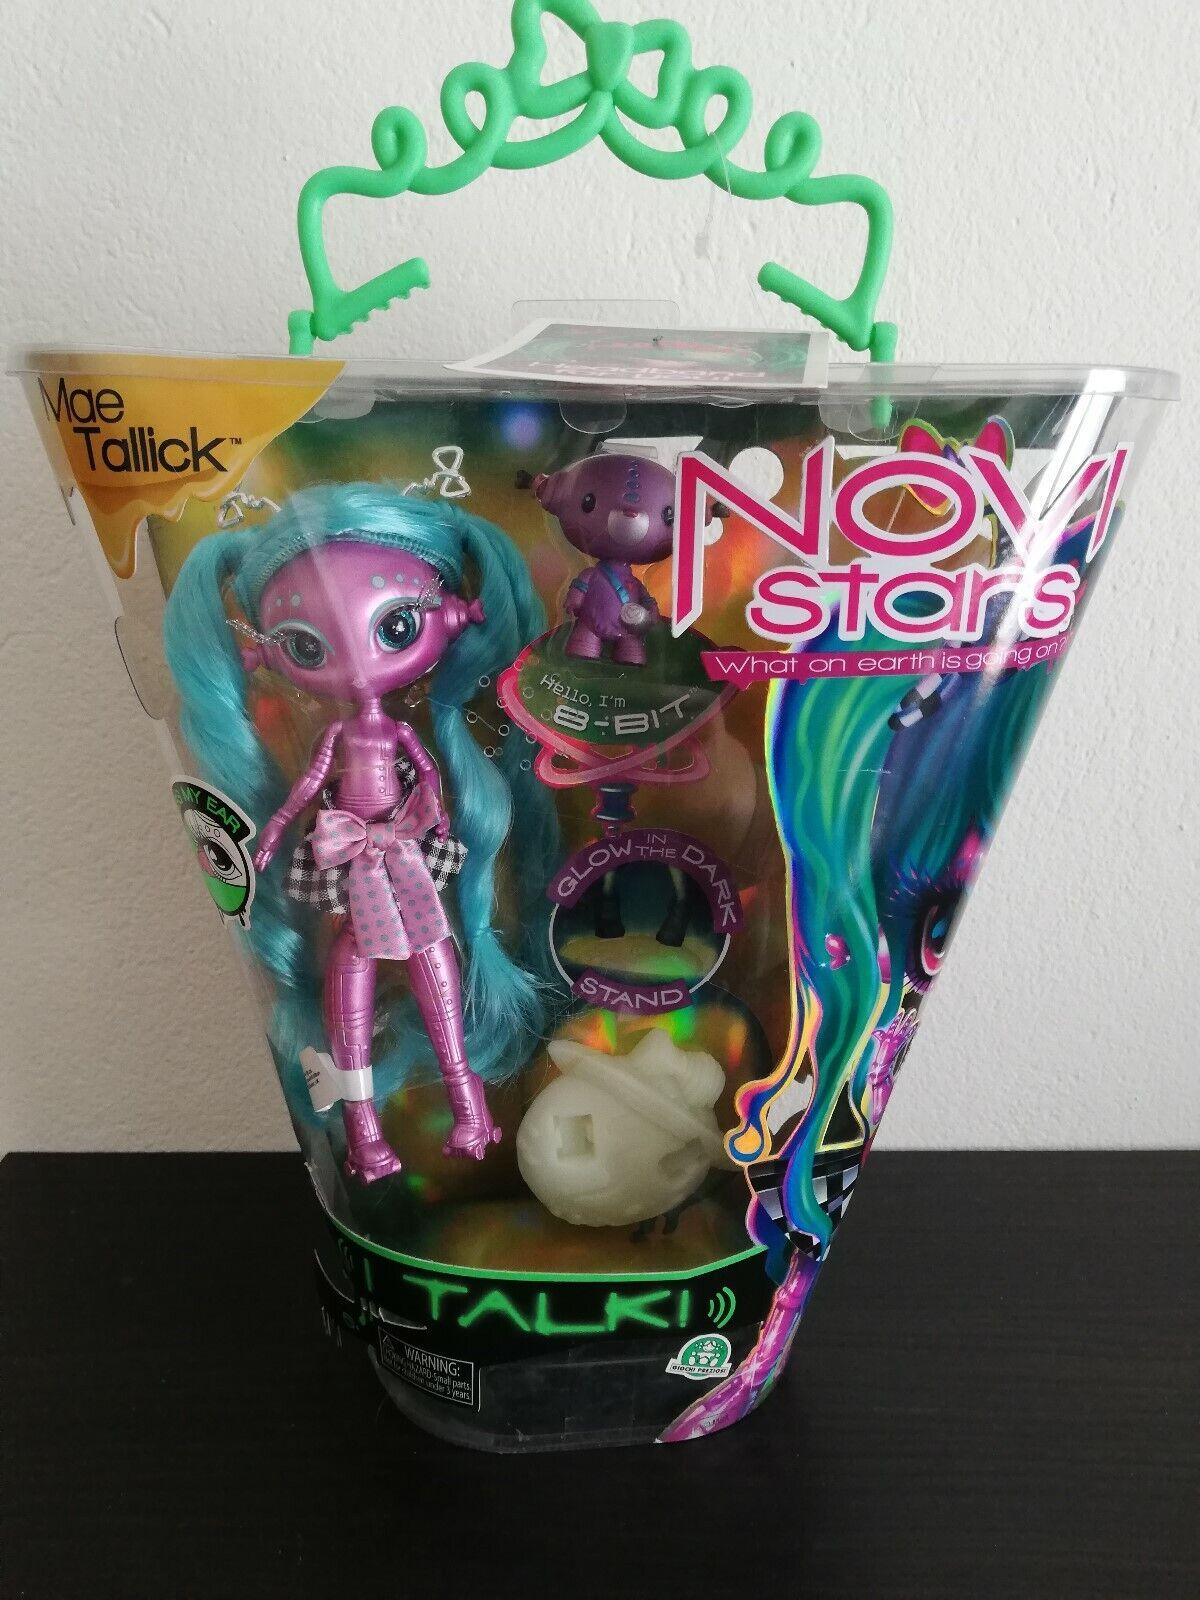 Novi Stars I Talk Glow In In In The Dark MAE TALLIC 7'' doll & 8-Bit pet MGA 36927a